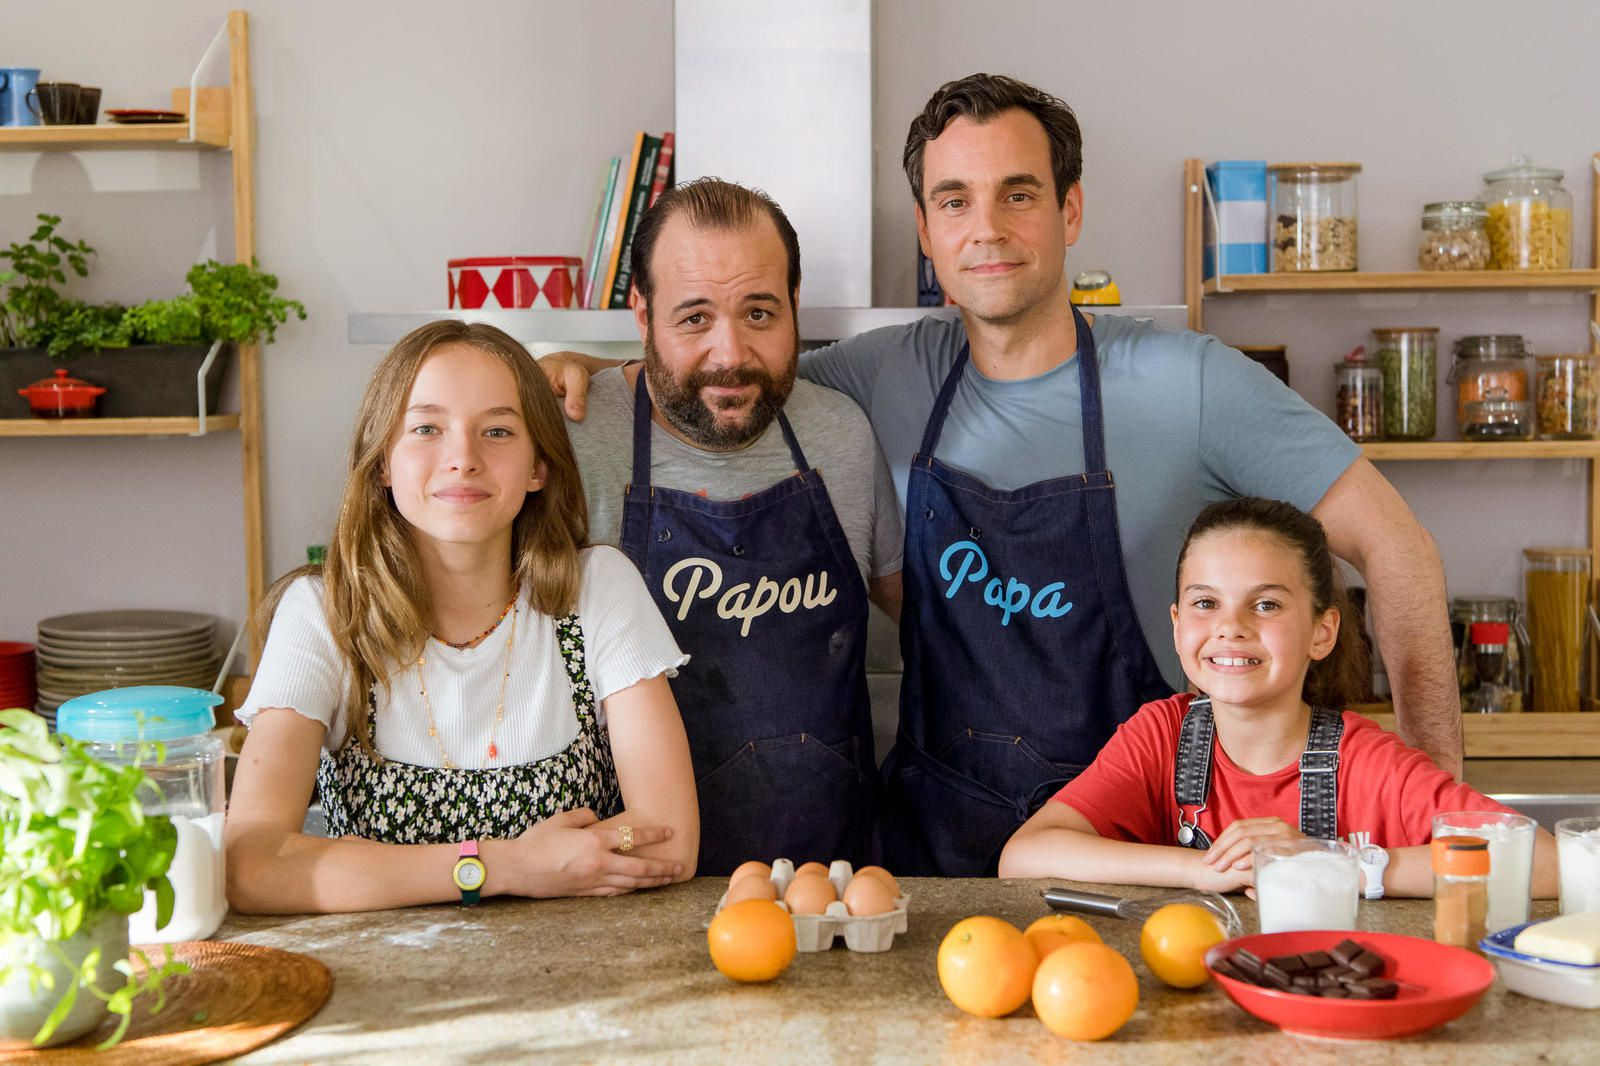 Parents mode d'emploi dès ce samedi sur France 3 : présentation des nouvelles familles (homoparentale et recomposée).